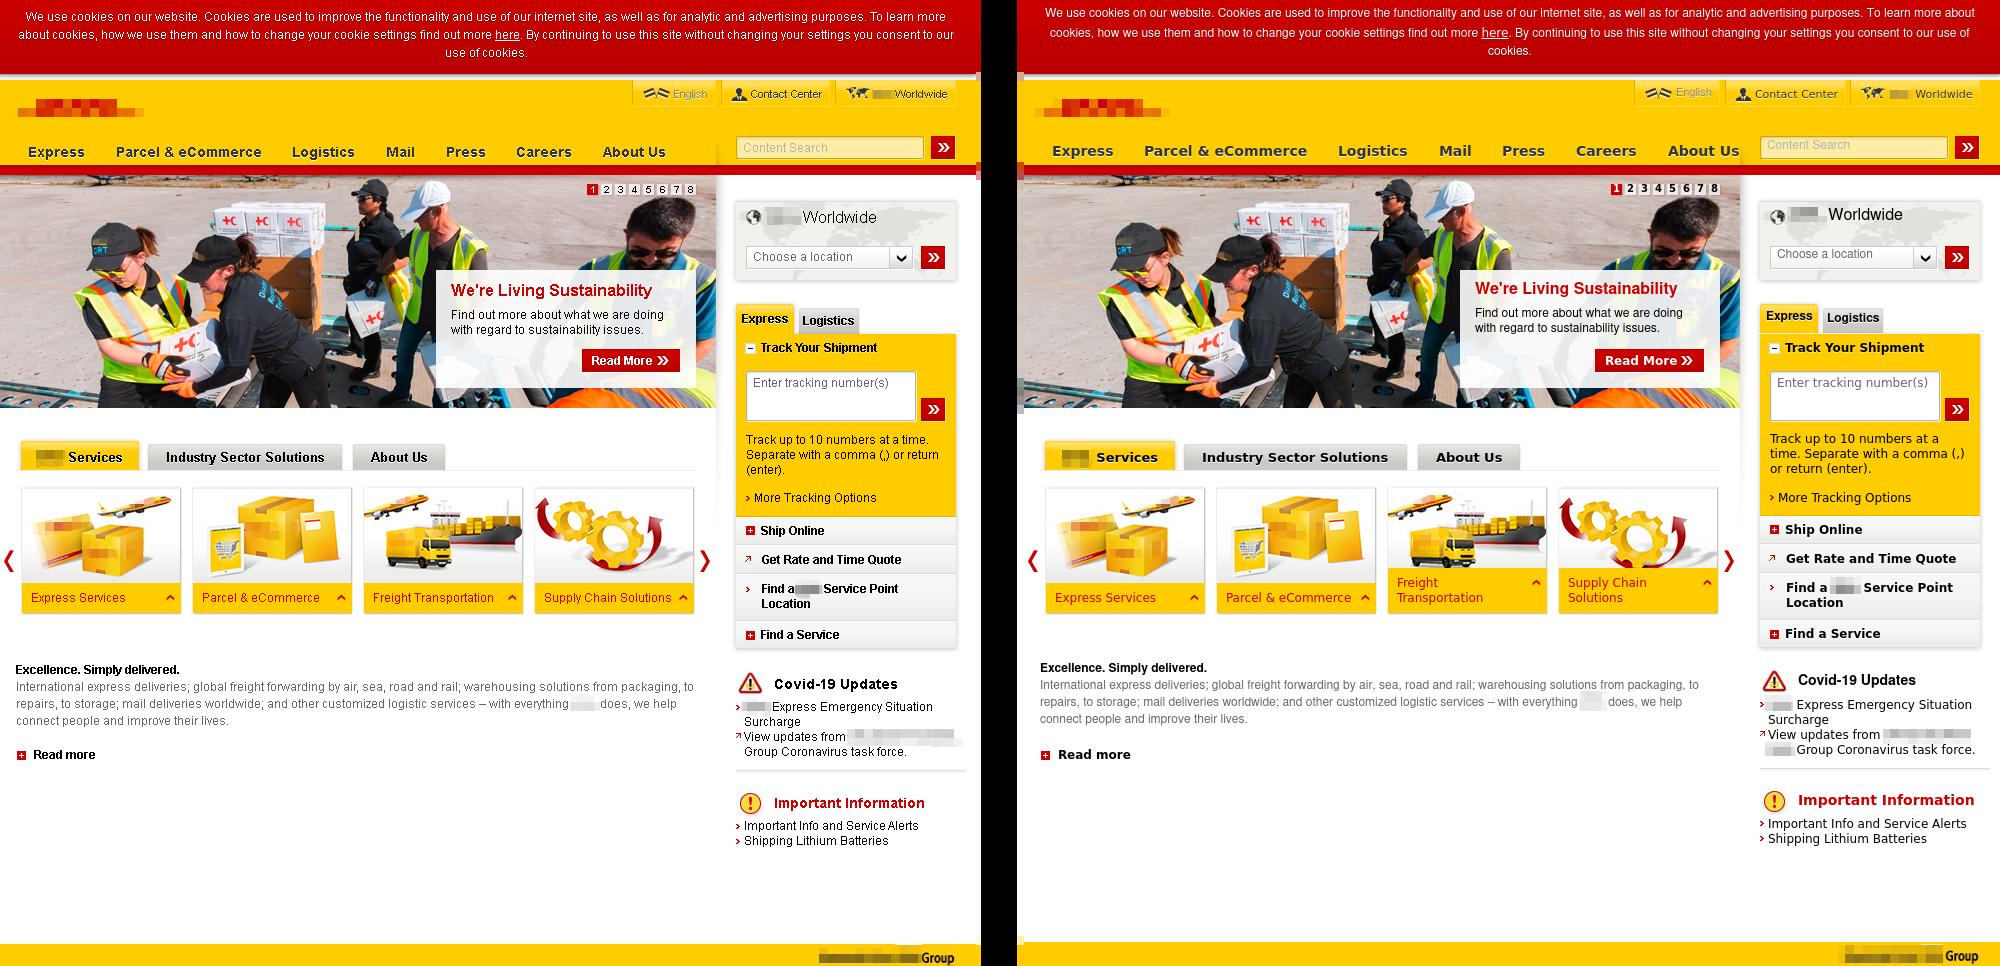 Offizielle Website (rechts) und Phishing-Site (links), die der offiziellen Seite zum Verwechseln ähnlich sieht